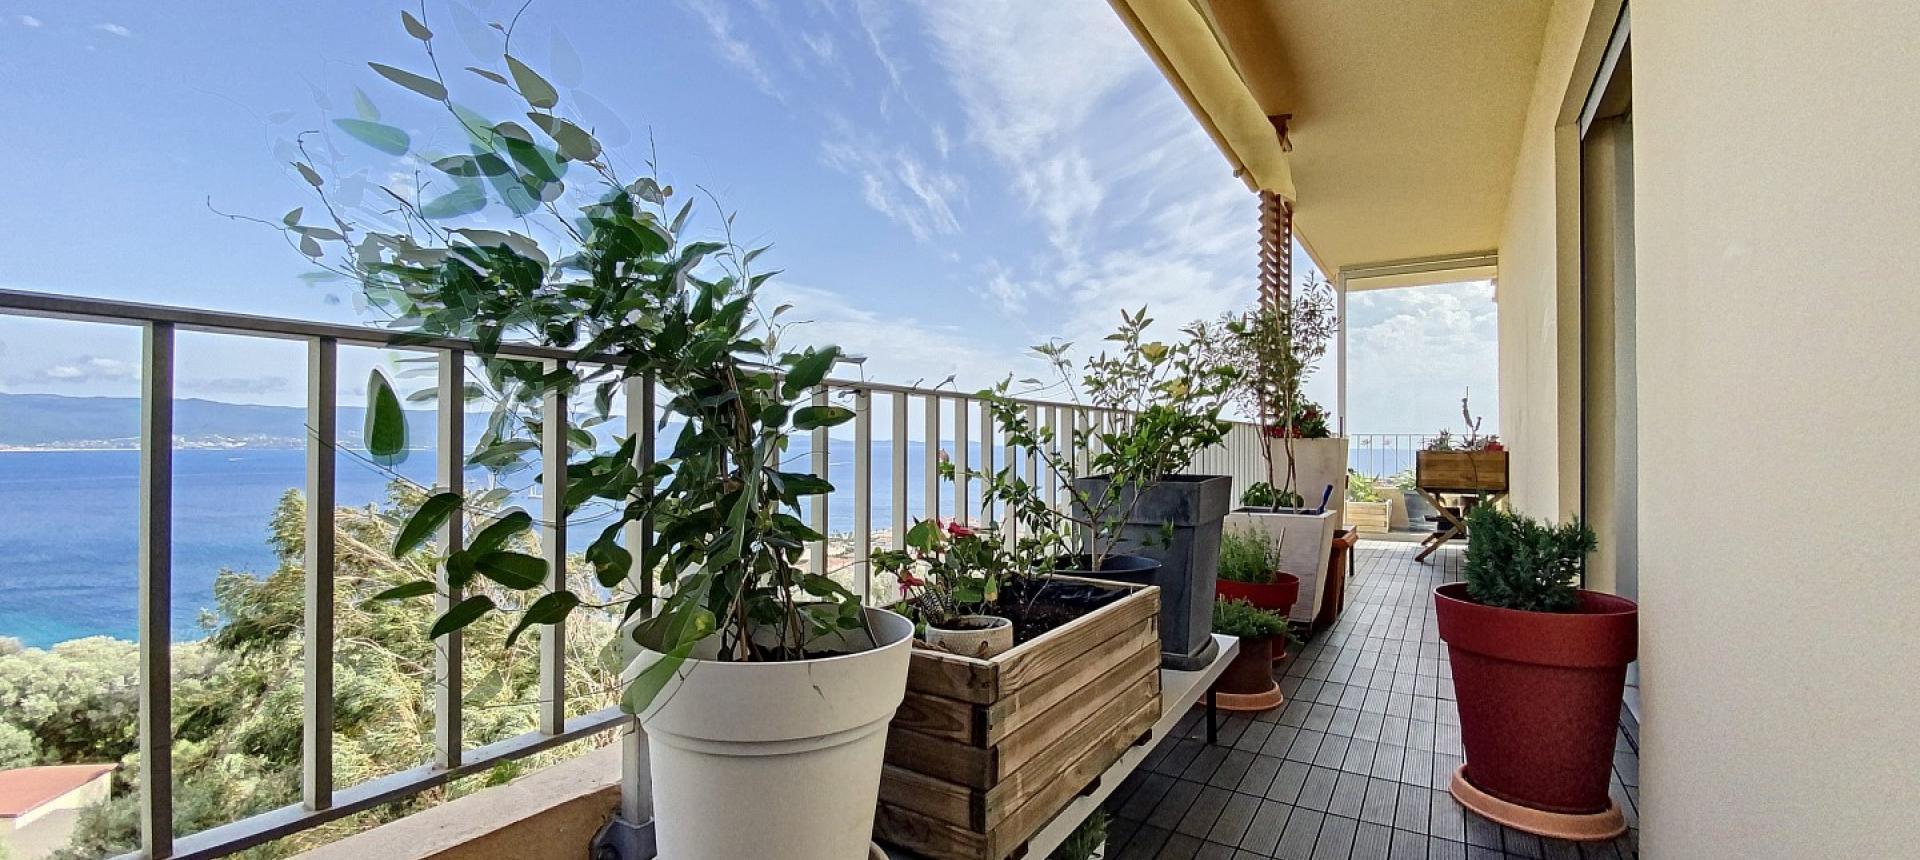 F4 à vendre Parc Belvedere à Ajaccio terrasse